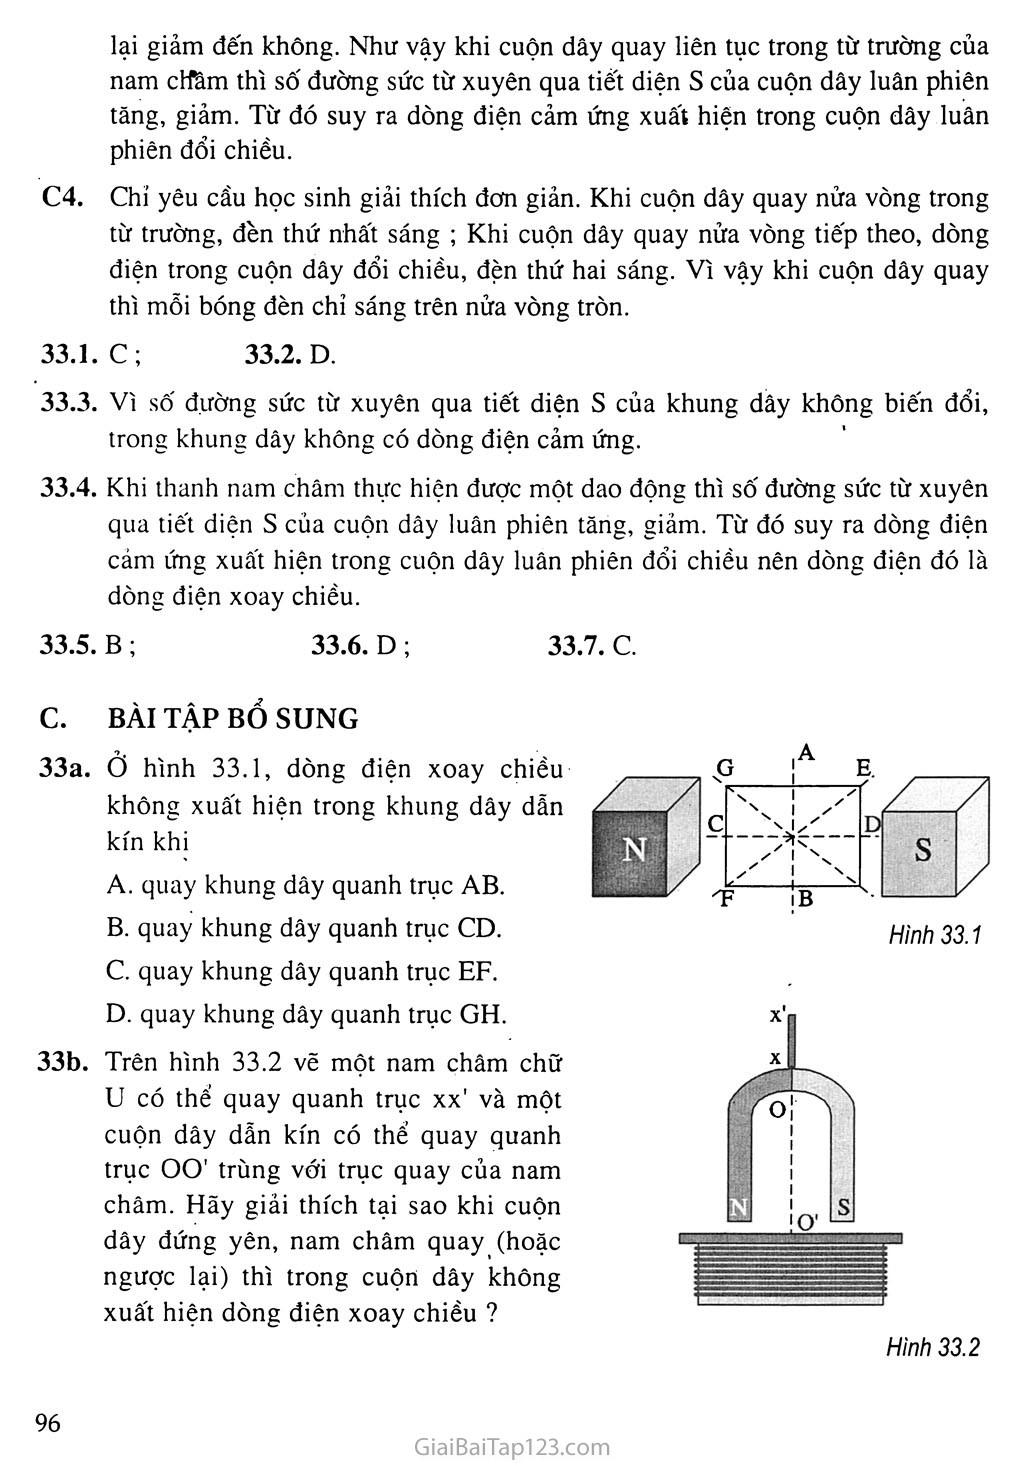 Bài 33: Dòng điện xoay chiều trang 2